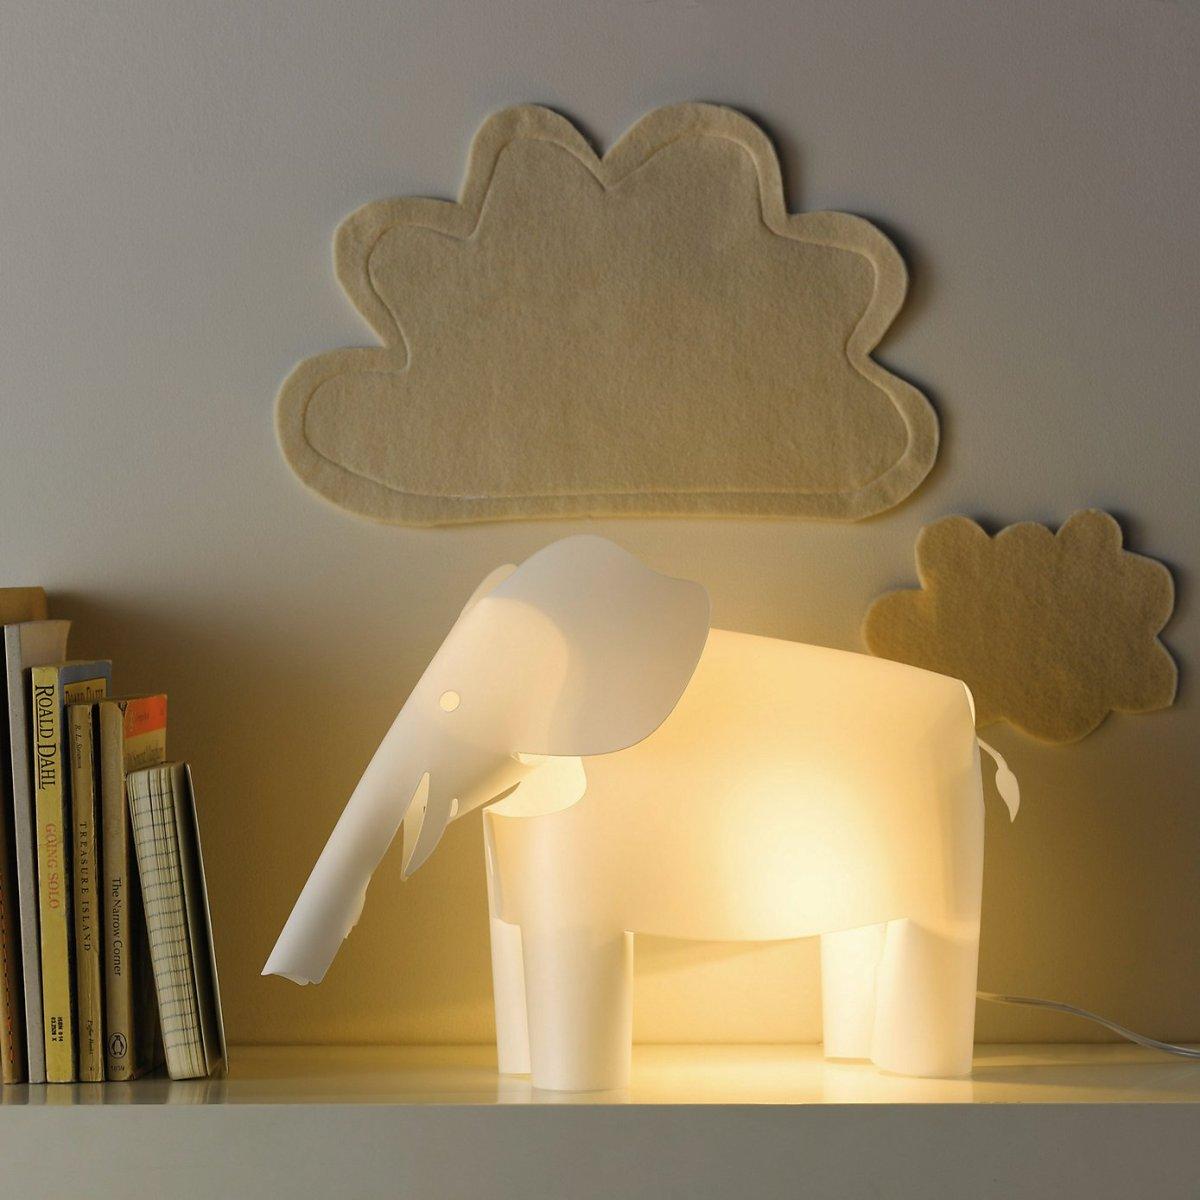 Nursery lighting and night light ideas